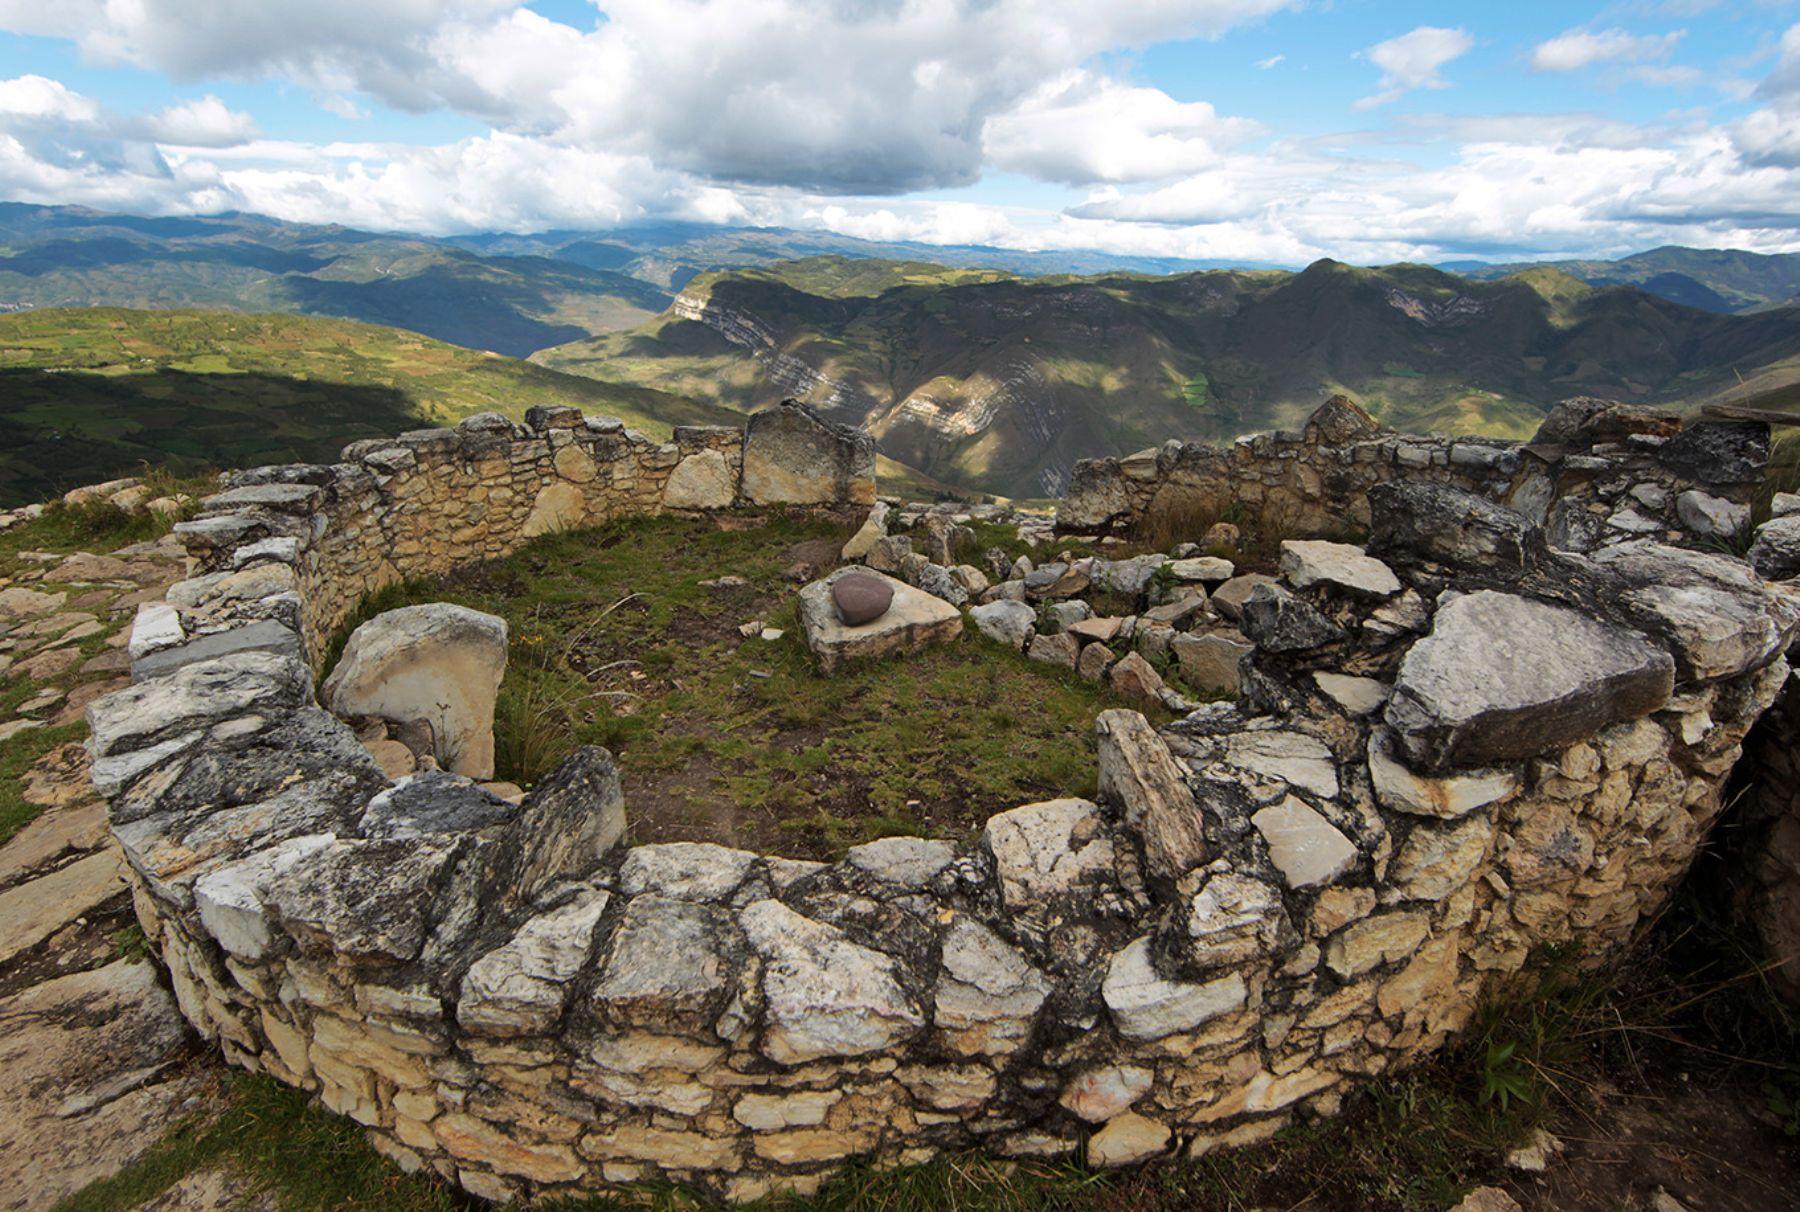 El número de visitantes a la ciudadela fortificada de Kuélap, ubicada en la región Amazonas y, comparada por su belleza arquitectónica con Machu Picchu, llegó en 2017 a casi 103,000 personas, cifra que duplicó lo registrado en 2016 y posicionó a este atractivo como uno de los principales destinos turísticos del Perú. ANDINA/Jack Ramón